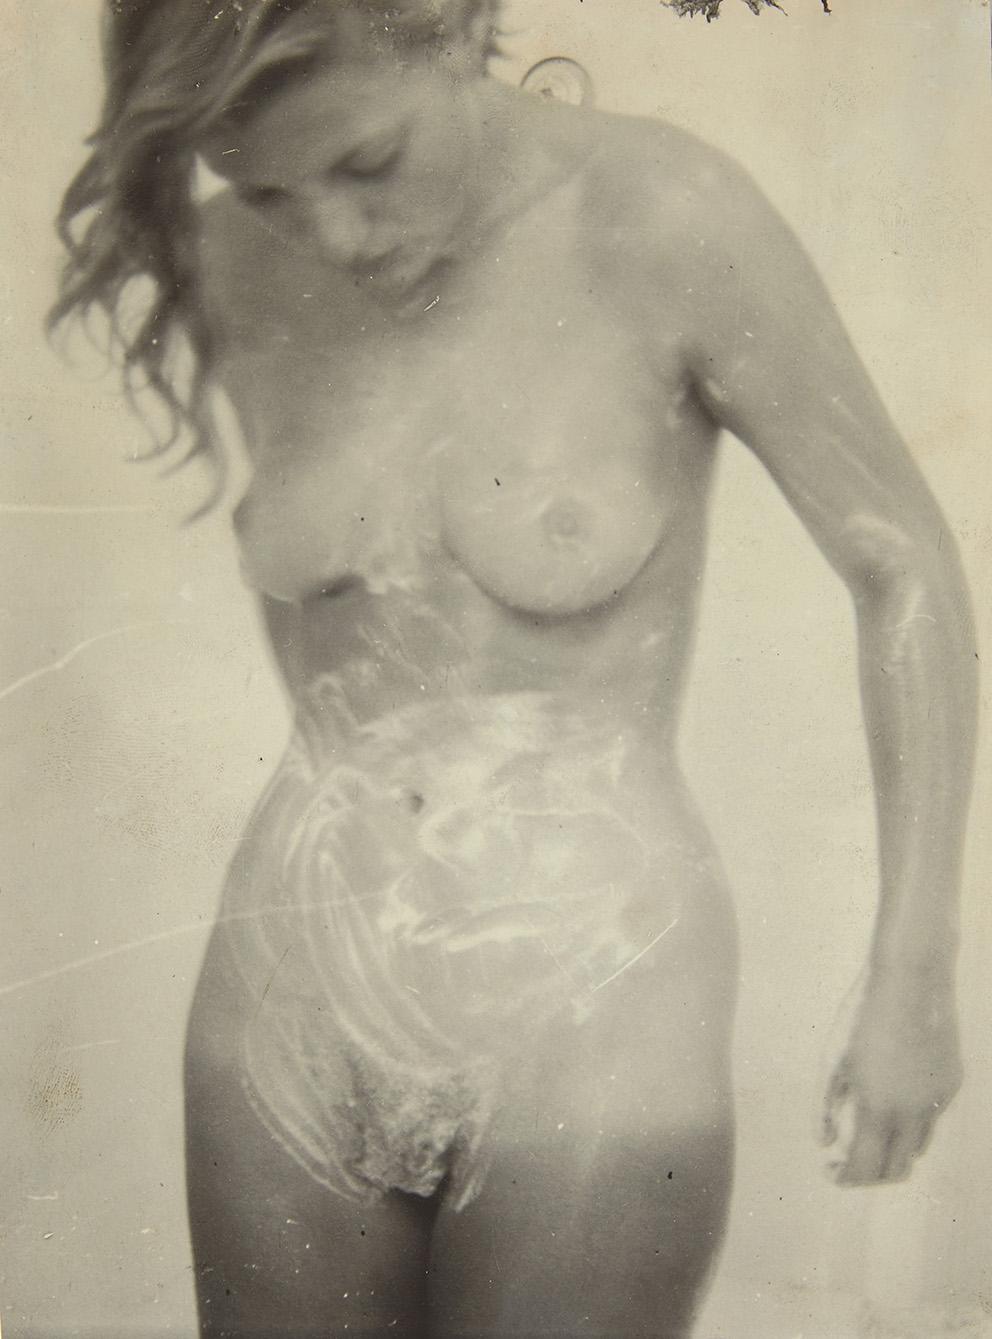 Photographe anonyme. Lee Miller nue sous la douche, tirage sur papier Agfa Brovira, 23,6x16,5cm. Estimation: 1000/2000€